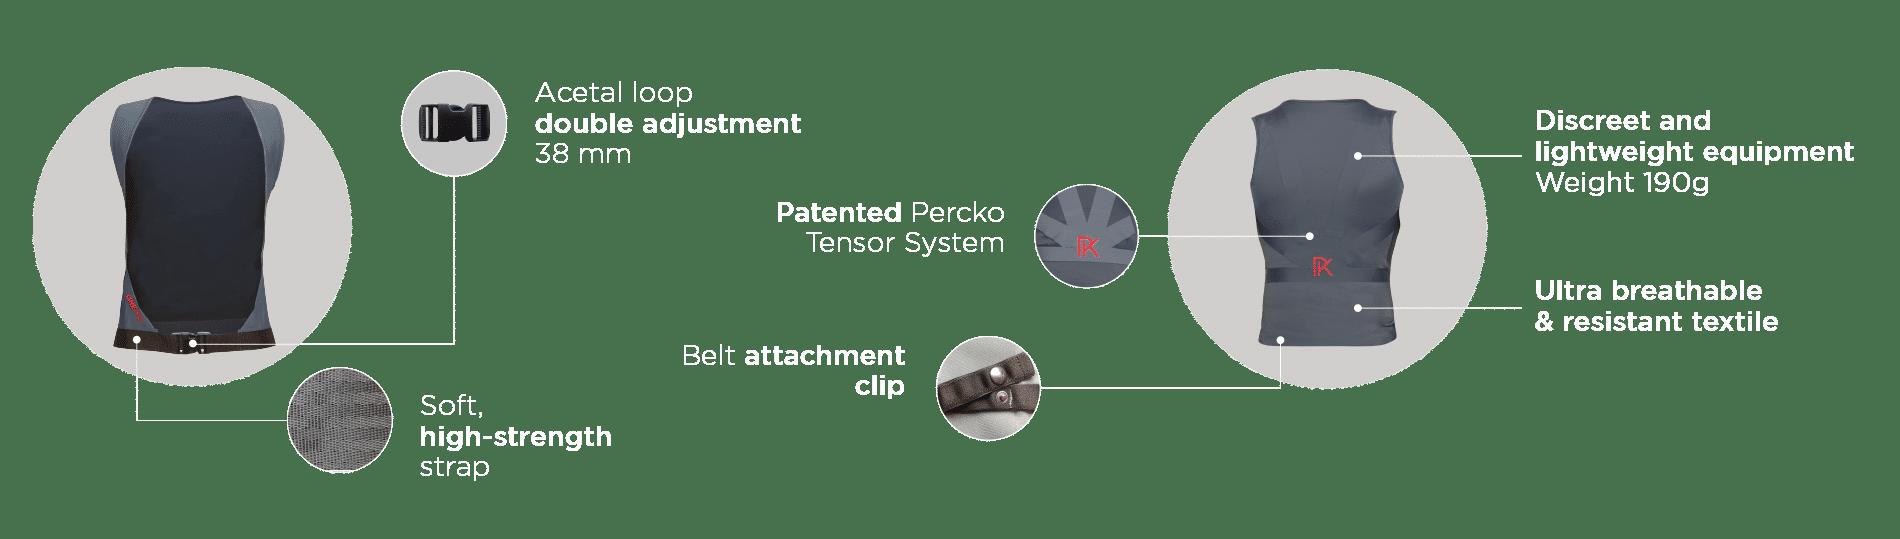 détail des produits Percko